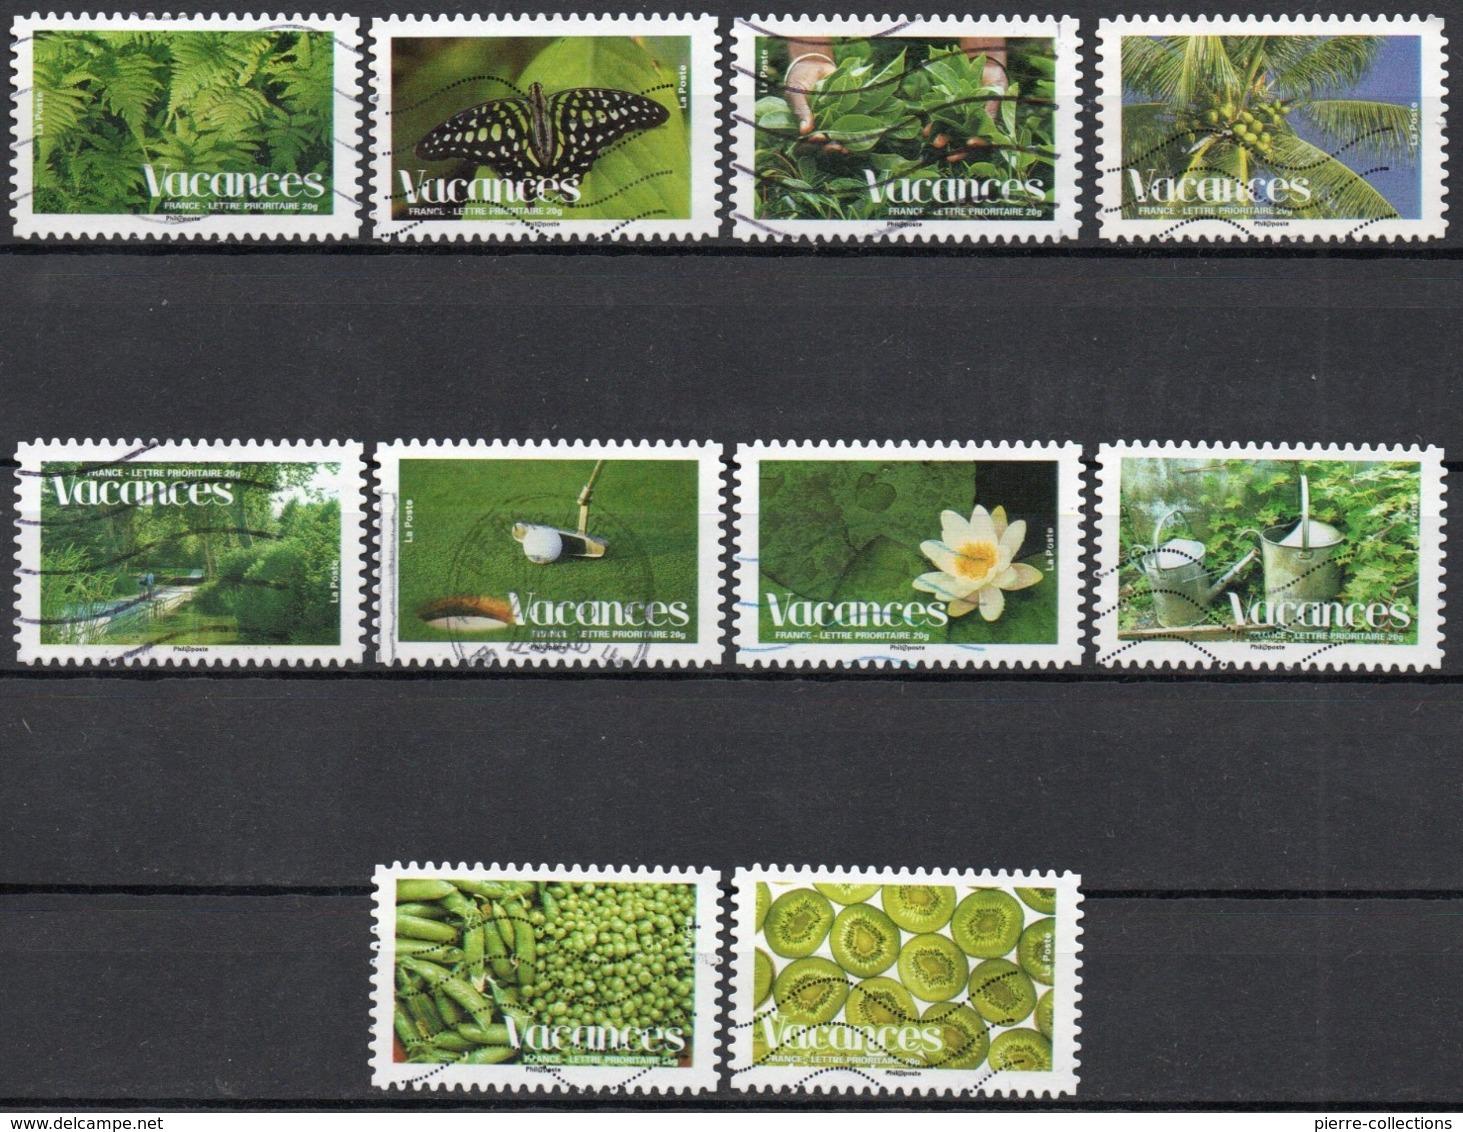 France - Adhésifs N° 165 à 174 Oblitérés - Série Complète - Vacances - Francia